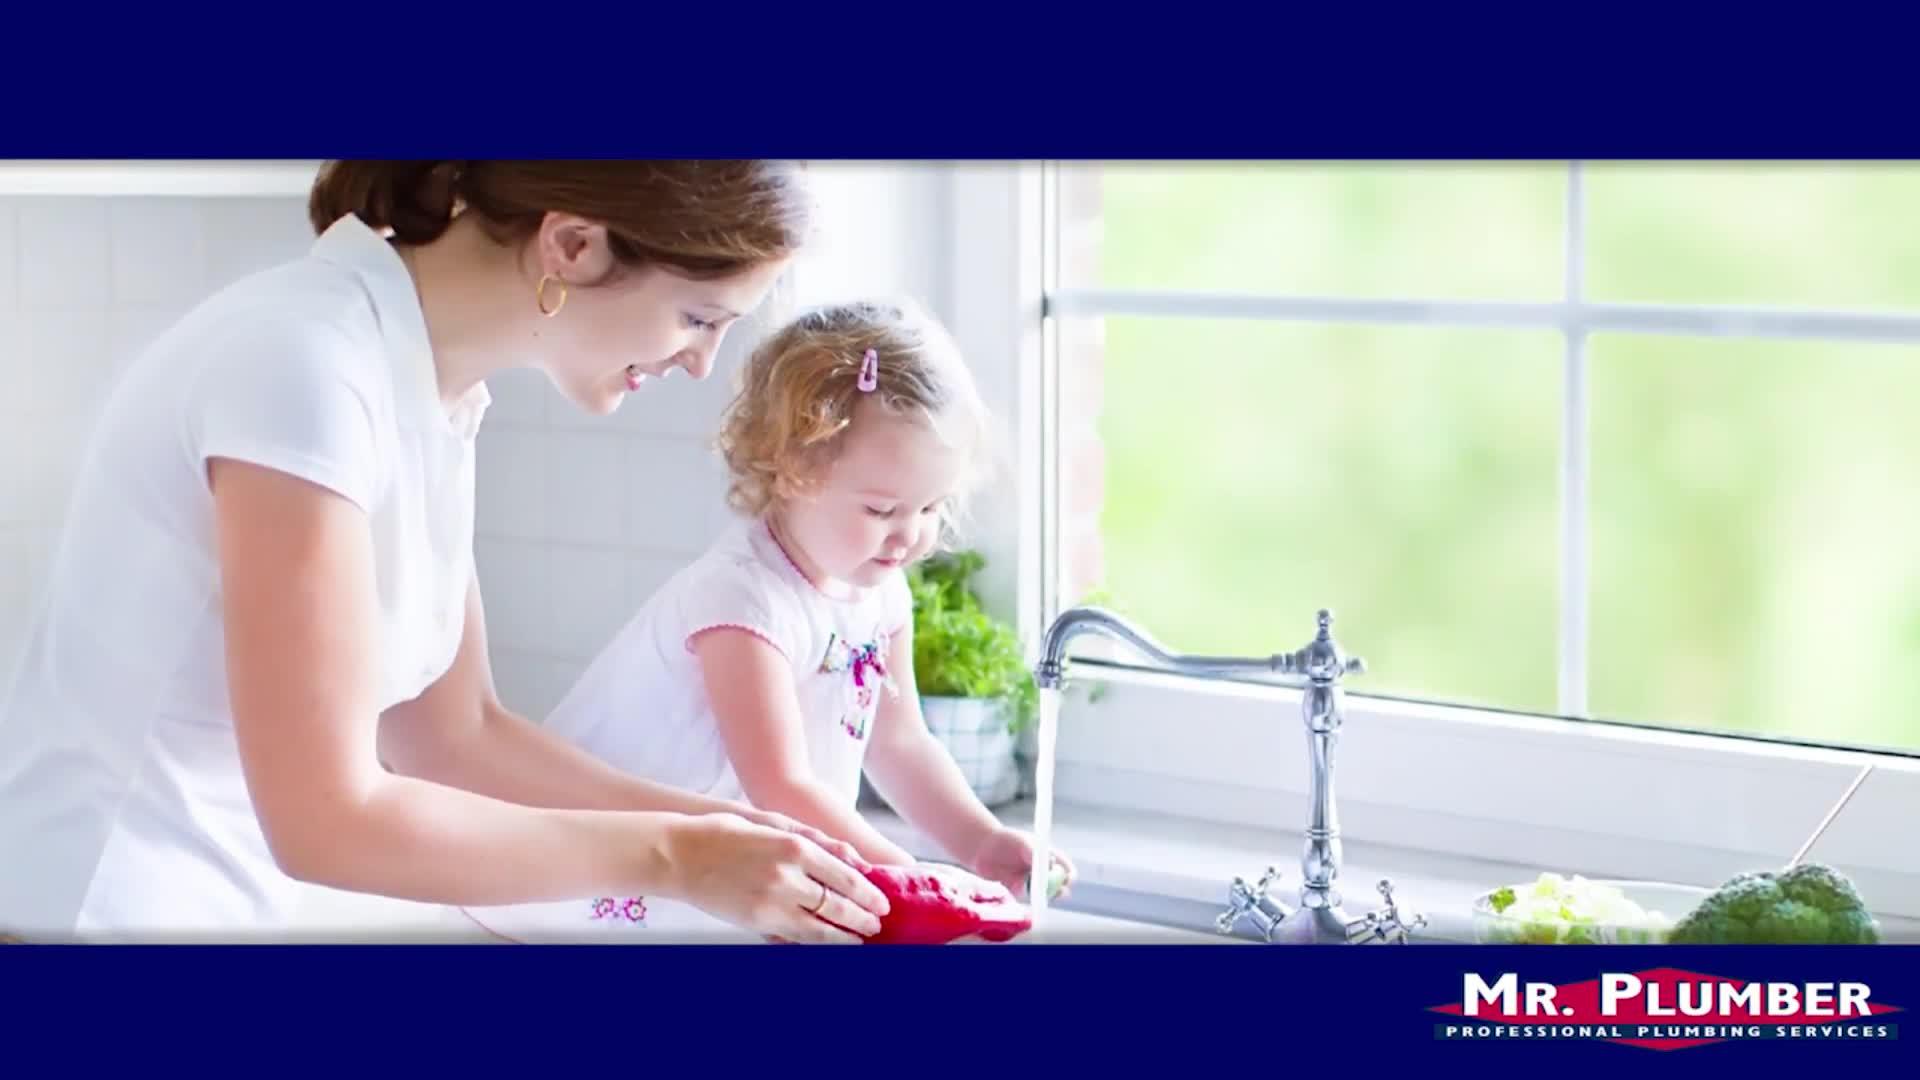 Mister Plumber Inc - Plumbers & Plumbing Contractors - 6046574311